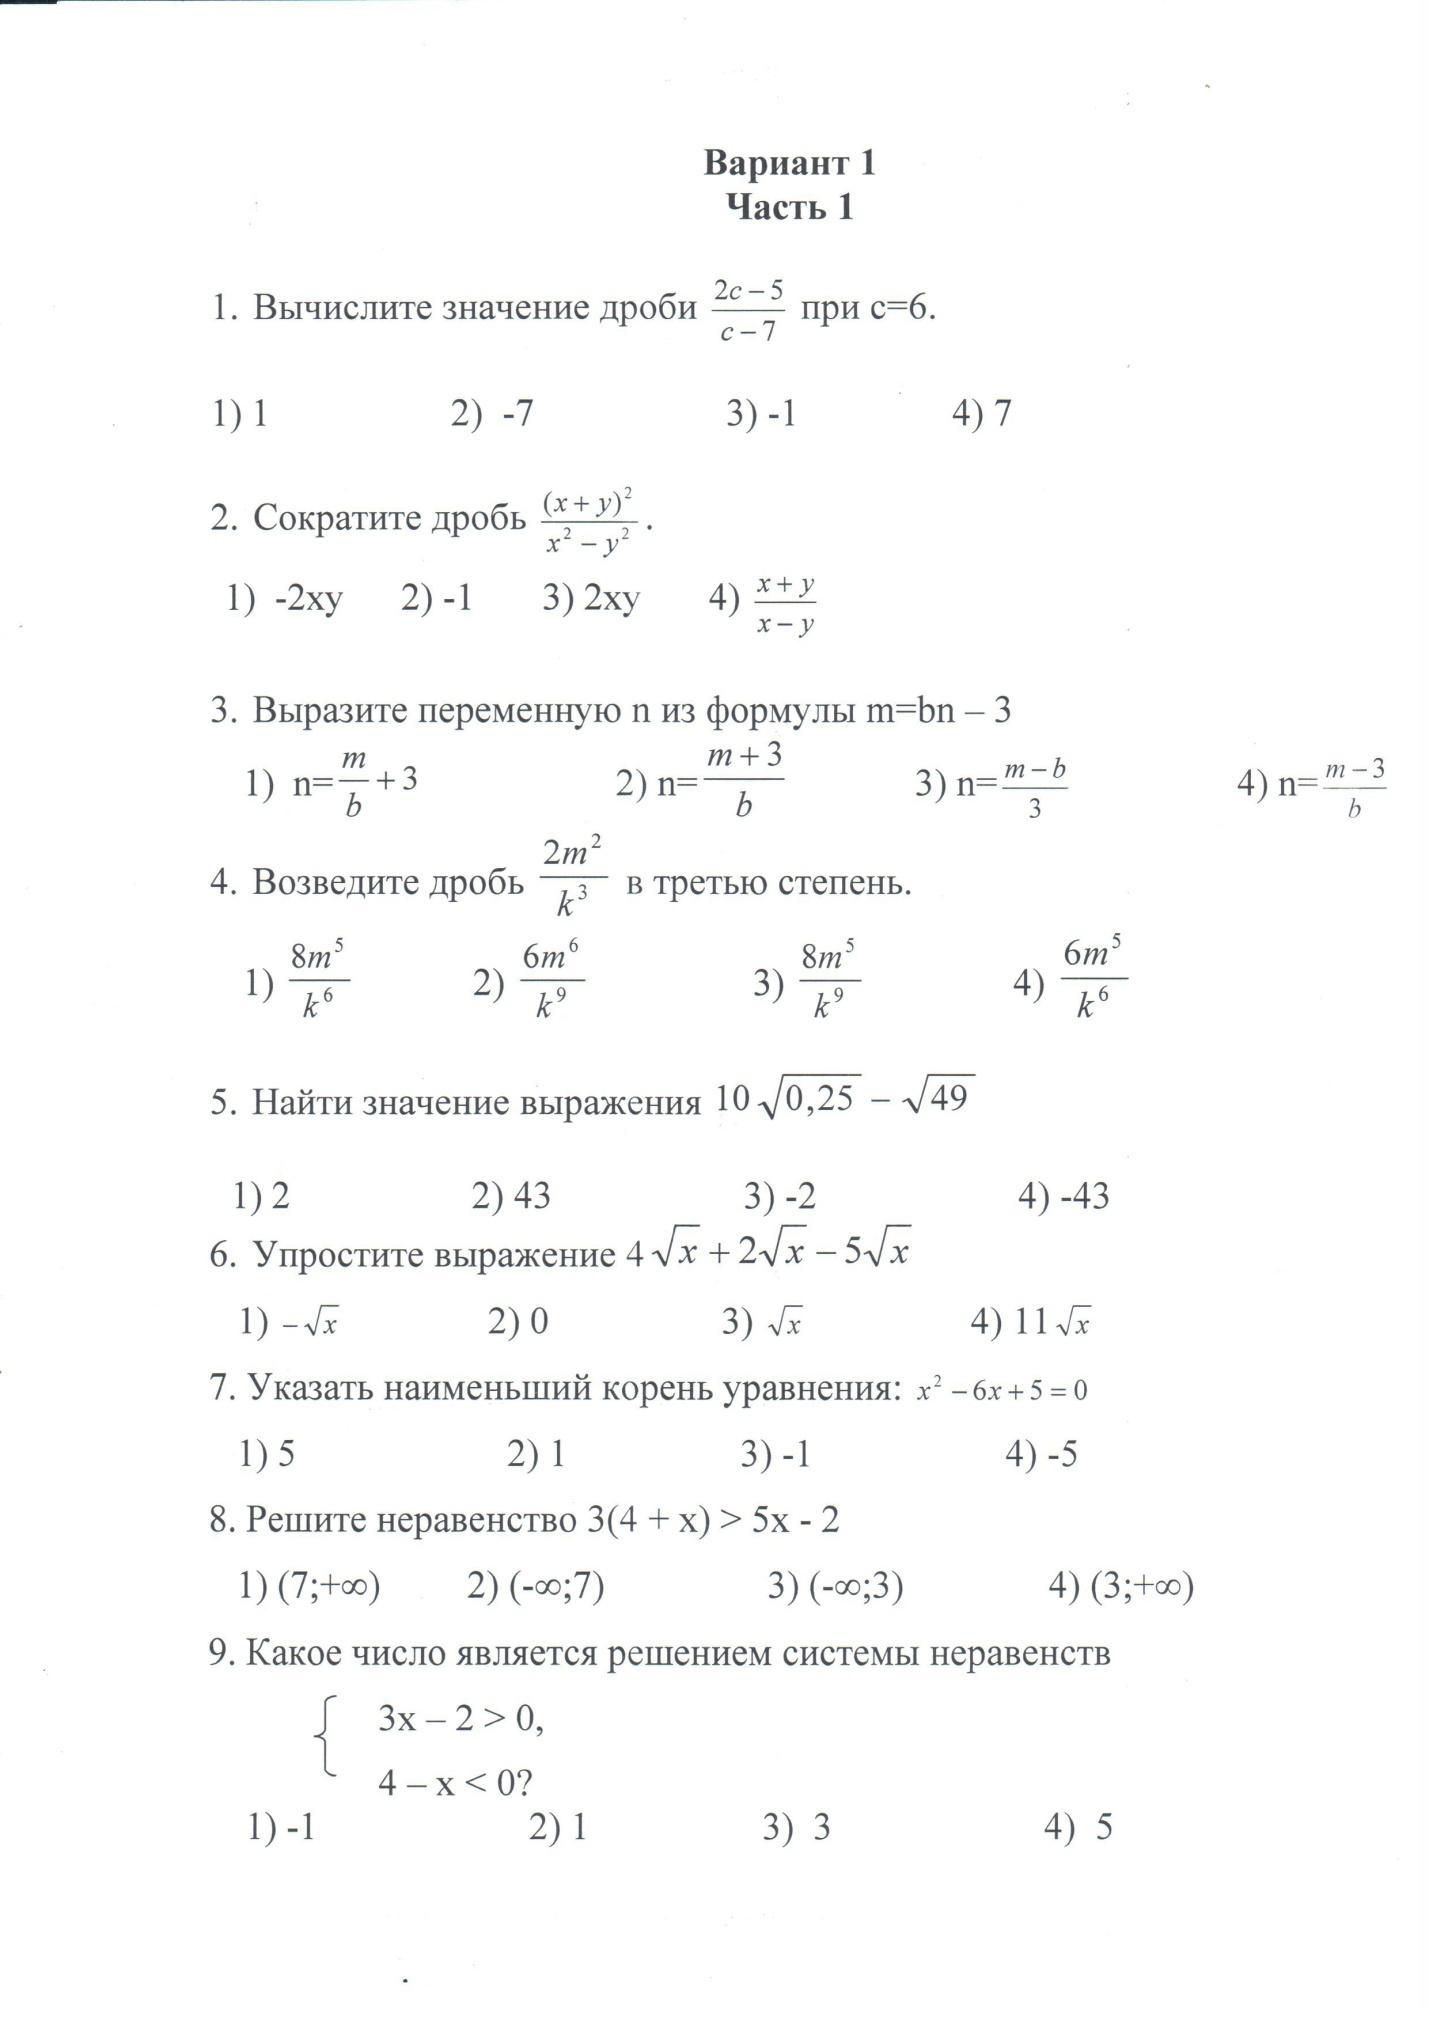 итоговая контрольная работа по геометрии 7 класс погорелов